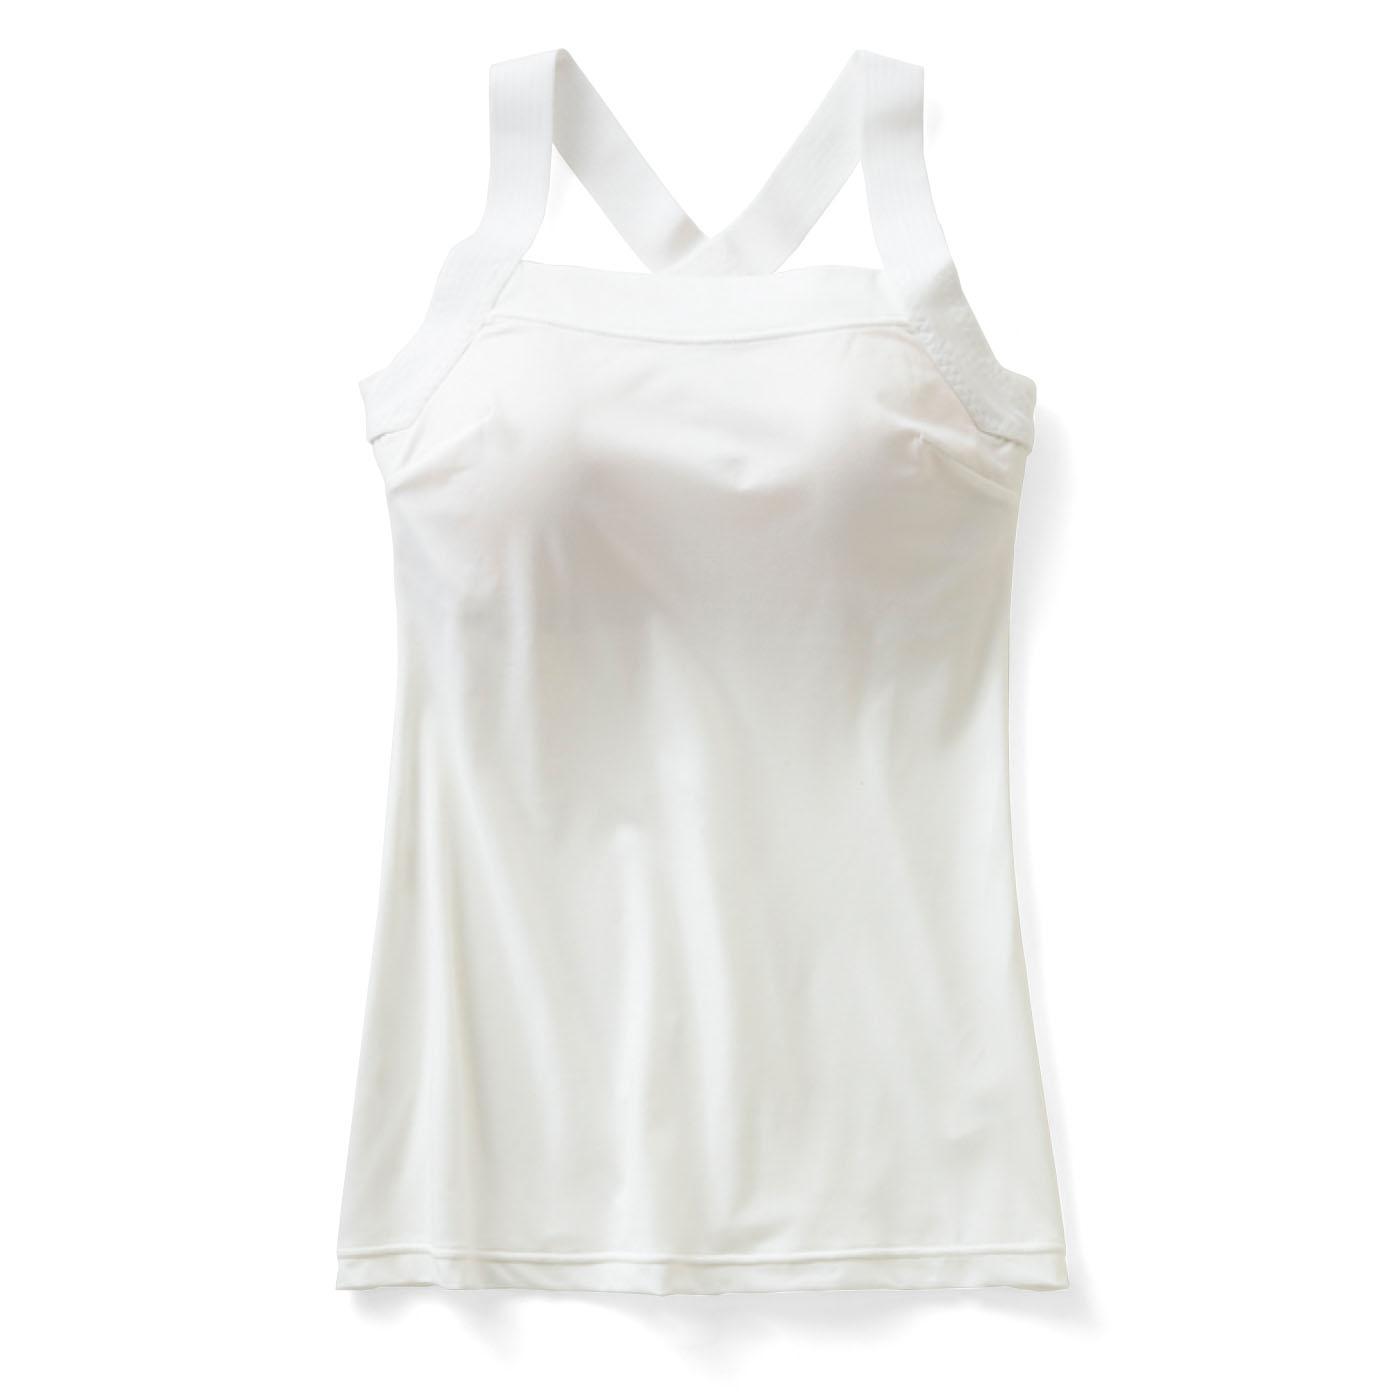 肩甲骨をらくらく意識で背筋ピン! ヨガ気分ブラインナー〈吸汗速乾/ホワイト〉の会